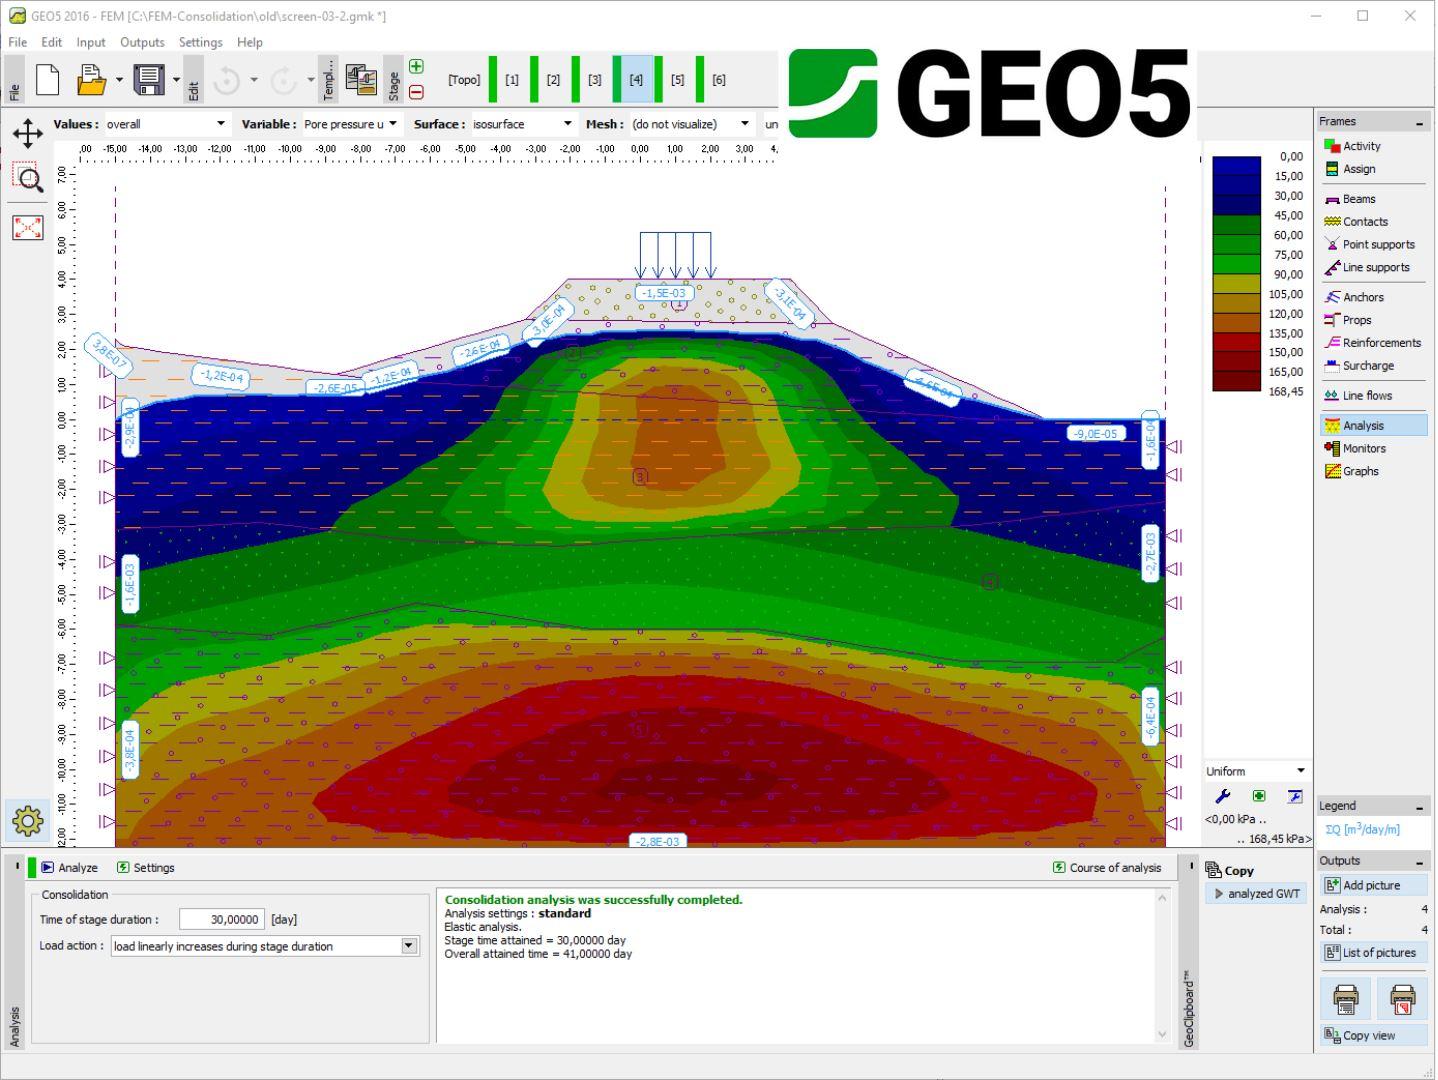 GFAS | Geoengineer org